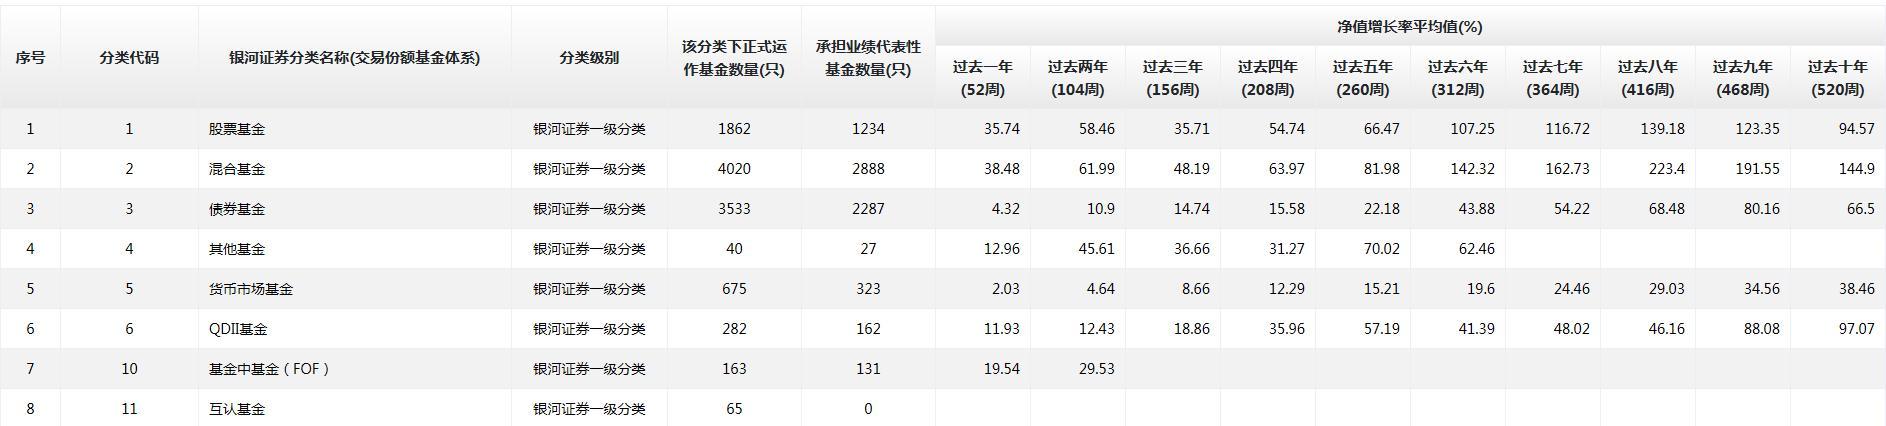 投資基金到底能賺多少錢?速看中國公募基金長期業績-圖3